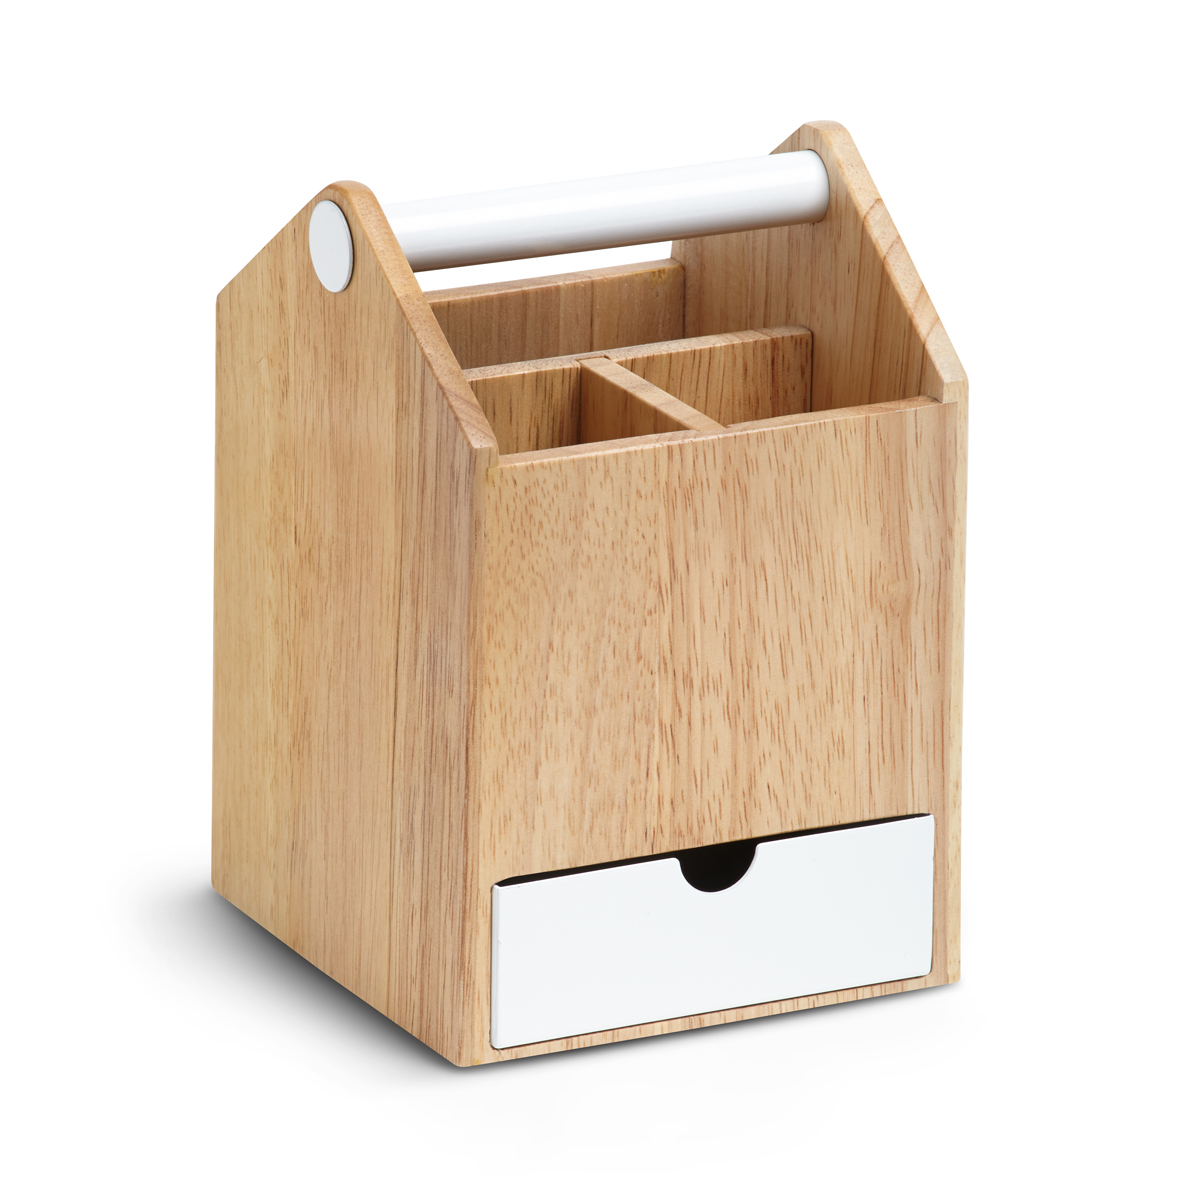 Шкатулка для украшений Umbra Toto, 21,3 х 14 х 14 смRG-D31SЧто общего у ящика для инструментов и бижутерии? Вдохновившись ящиком плотника, дизайнеры создали вот такую шкатулку-органайзер для разборчивых модниц, оставив все только лучшее и удобное. Эргономичная ручка для переноски, выдвигающиеся ящички и отделения разного размера - это удобно для хранения косметики, украшений и даже офисных принадлежностей.